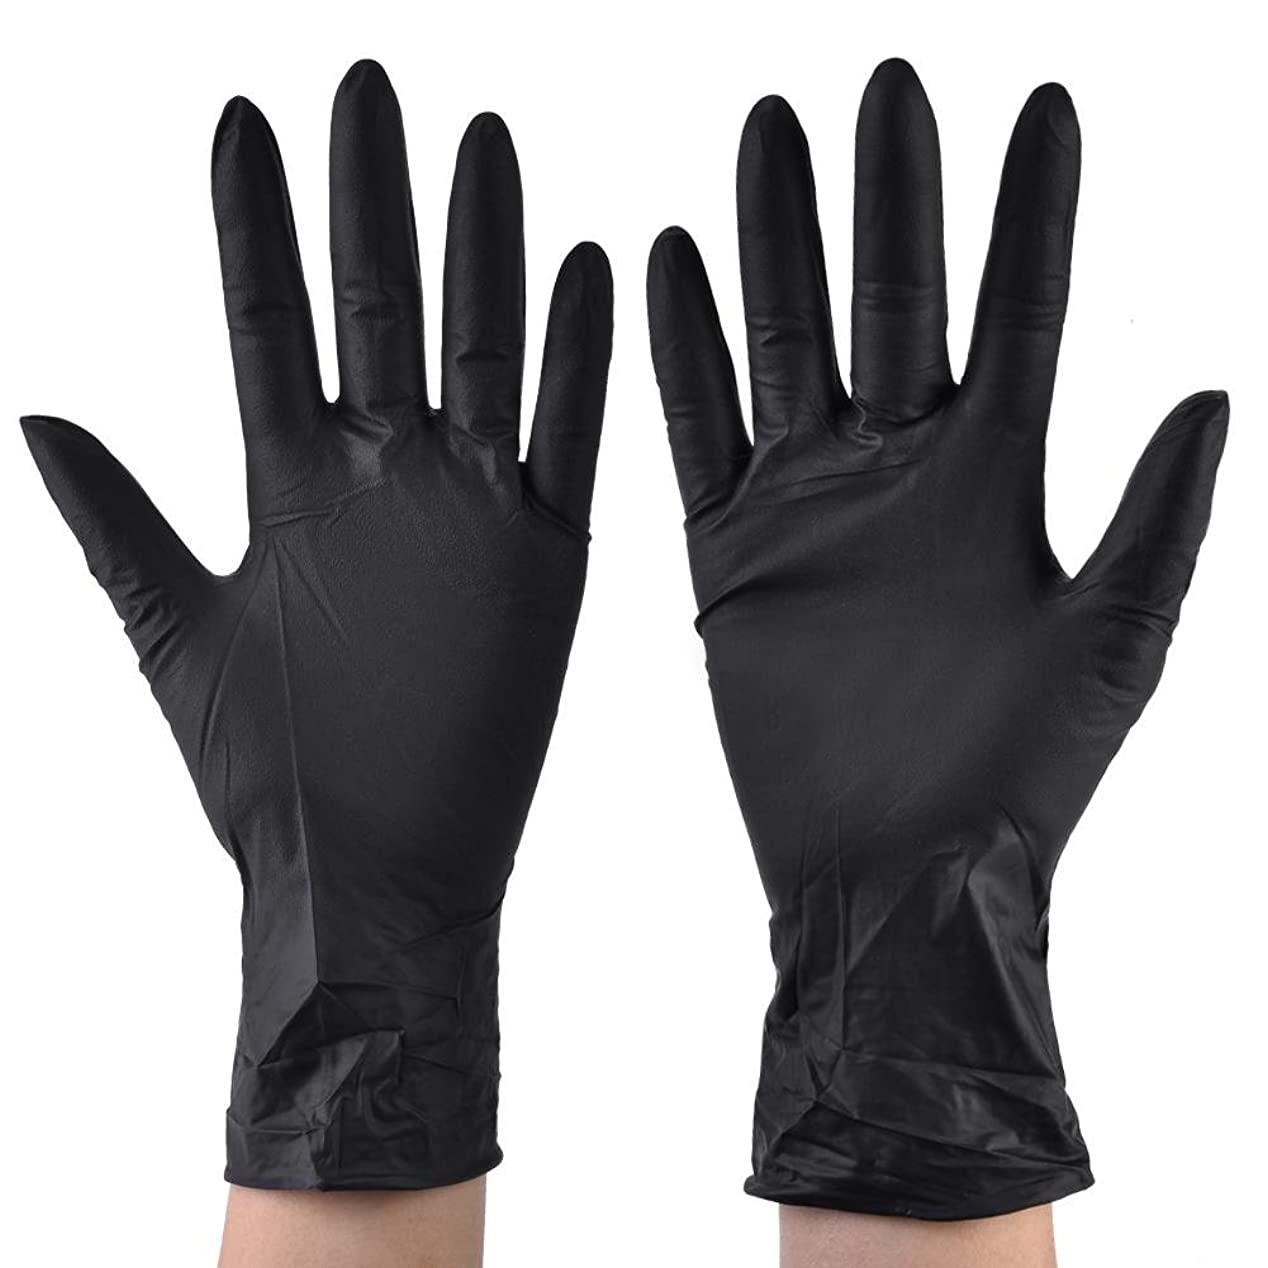 洞窟のぞき穴メンタリティ使い捨て手袋 ニトリルグローブ ホワイト 粉なし 工業用/医療用/理美容用/レストラン用 M/L選択可 100枚 左右兼用 作業手袋(M)